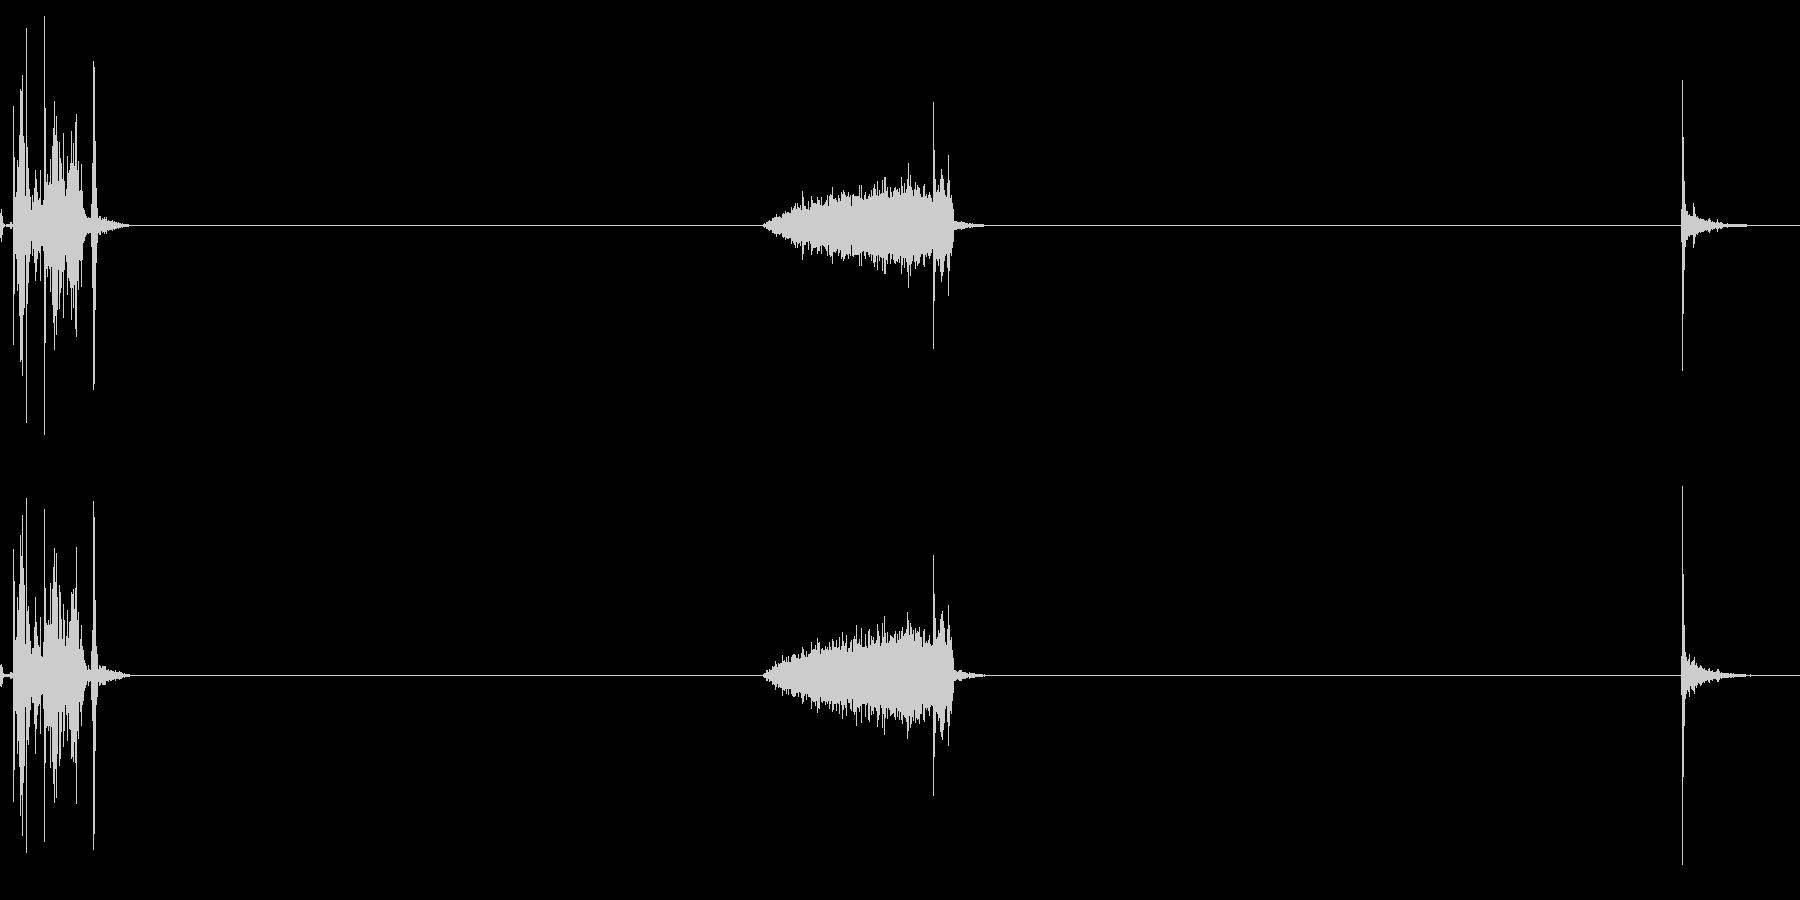 割り箸の袋を破って出して割る音の未再生の波形